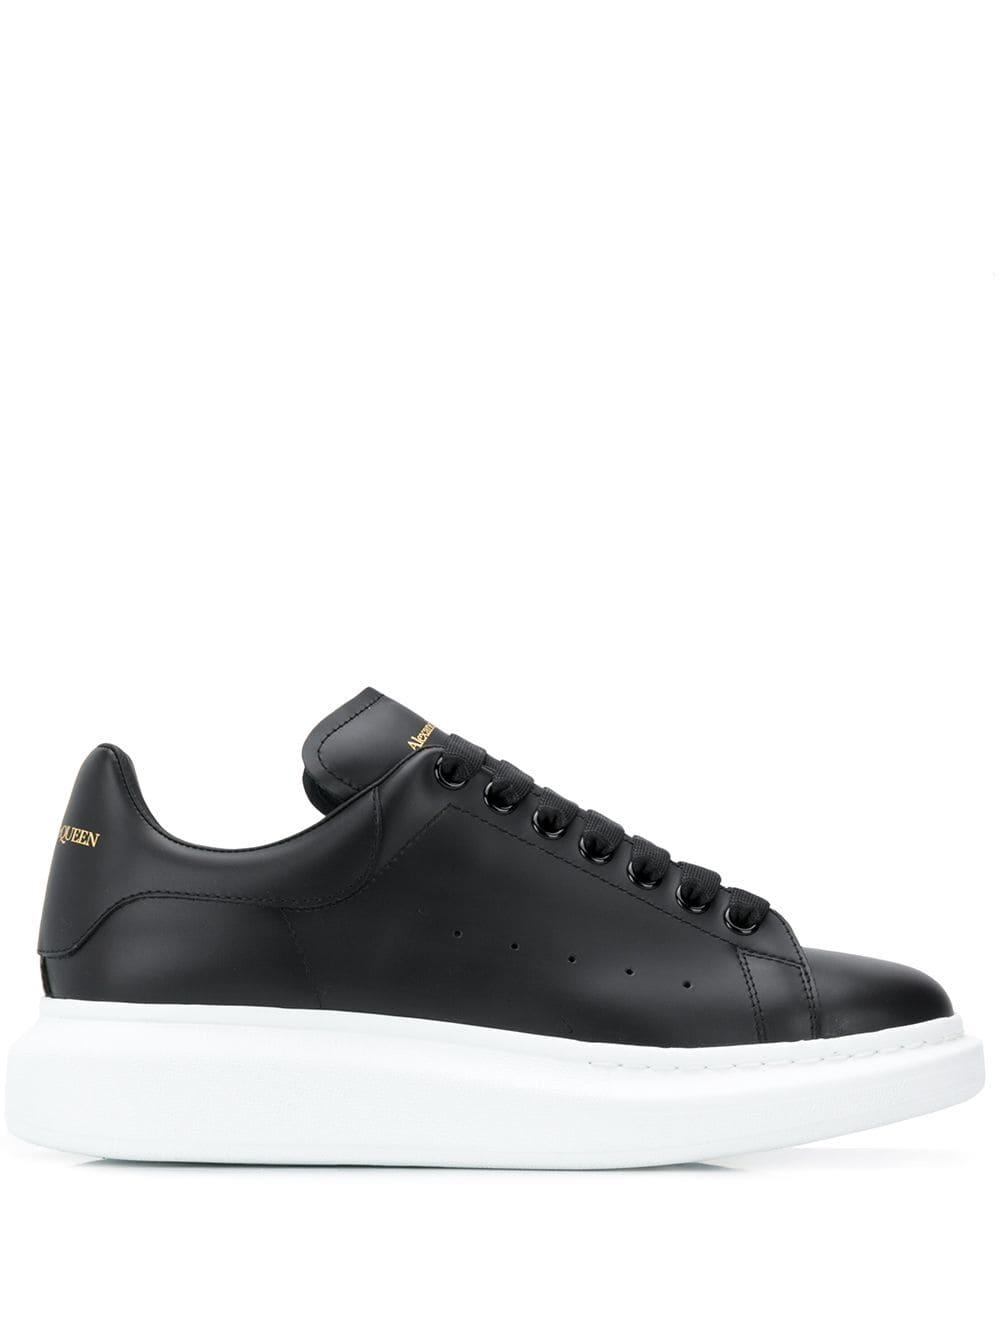 Alexander mcqueen, Alexander mcqueen shoes